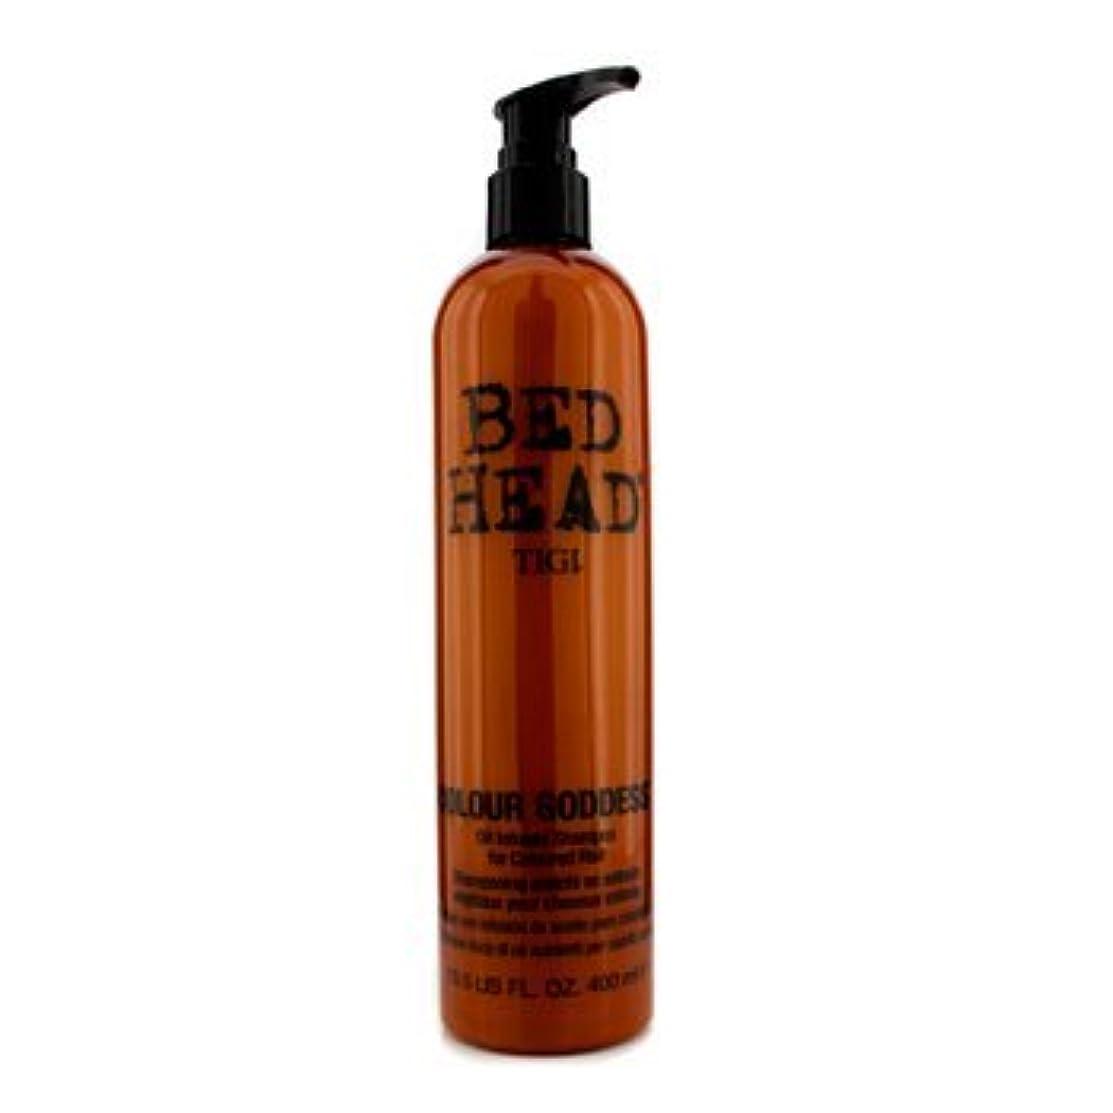 報酬の風慢Tigi Bed Head Colour Goddess Oil Infused Shampoo (For Coloured Hair) 400Ml/13.5Oz by TIGI [並行輸入品]